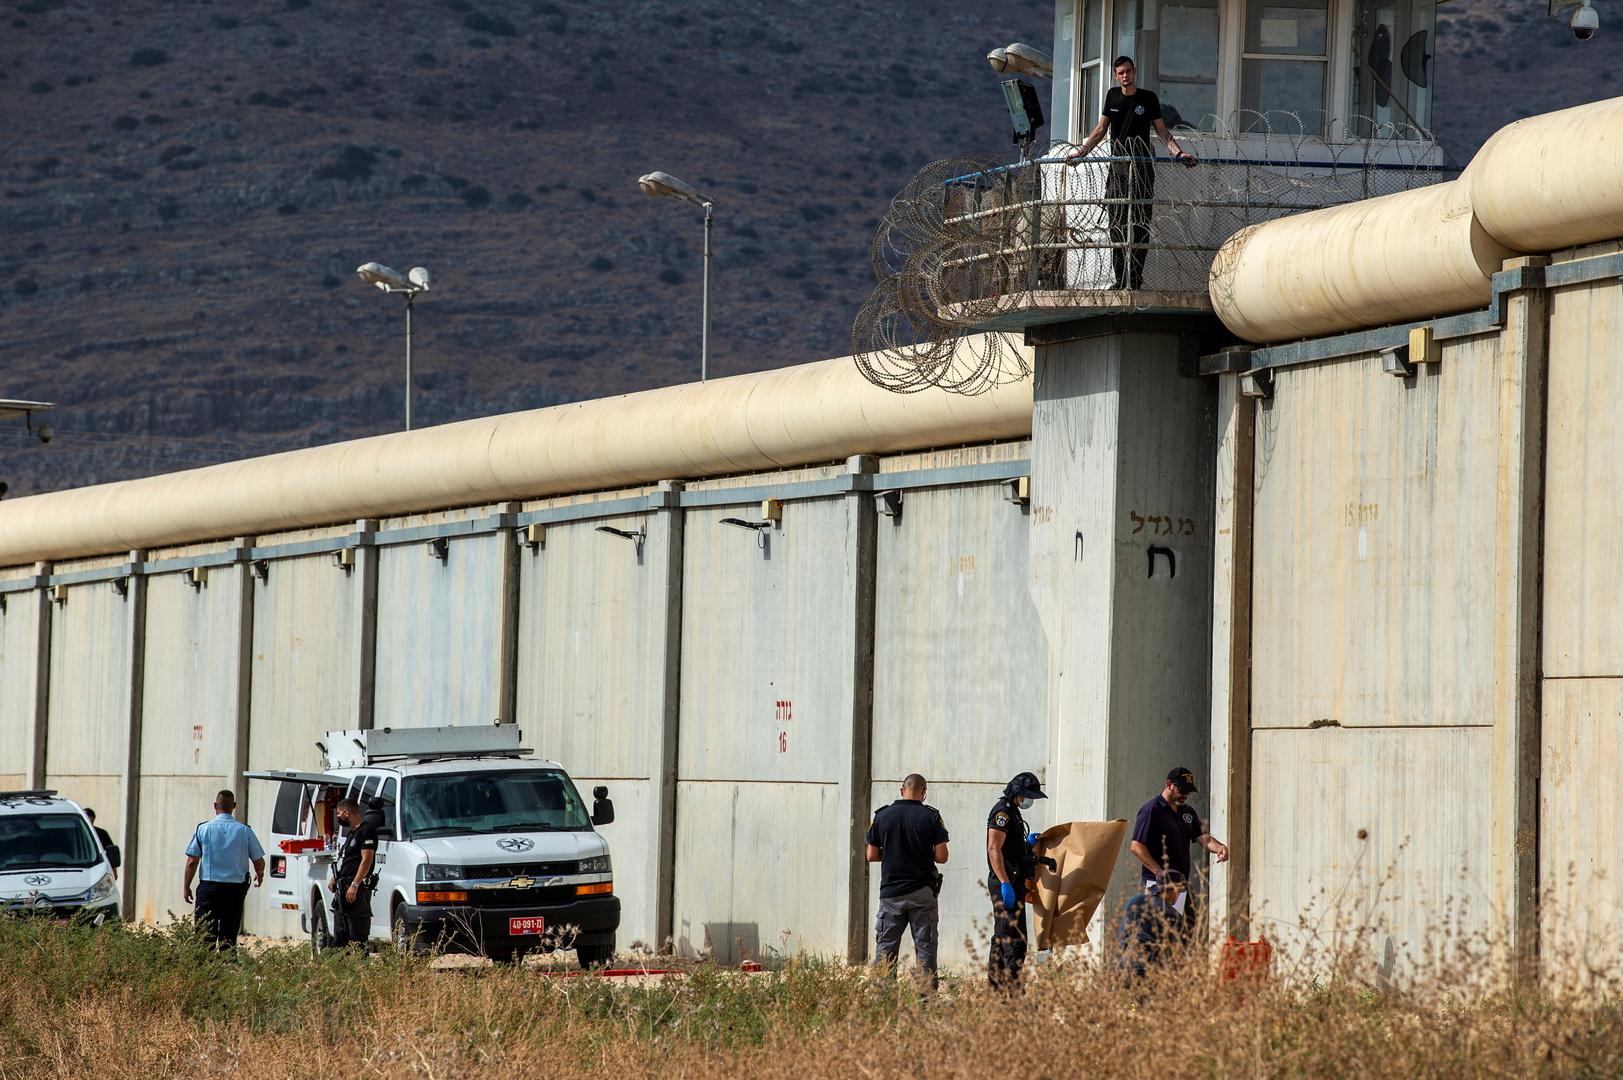 فضيحة أمنية في إسرائيل يكشفها فرار 6 أسرى فلسطينيين